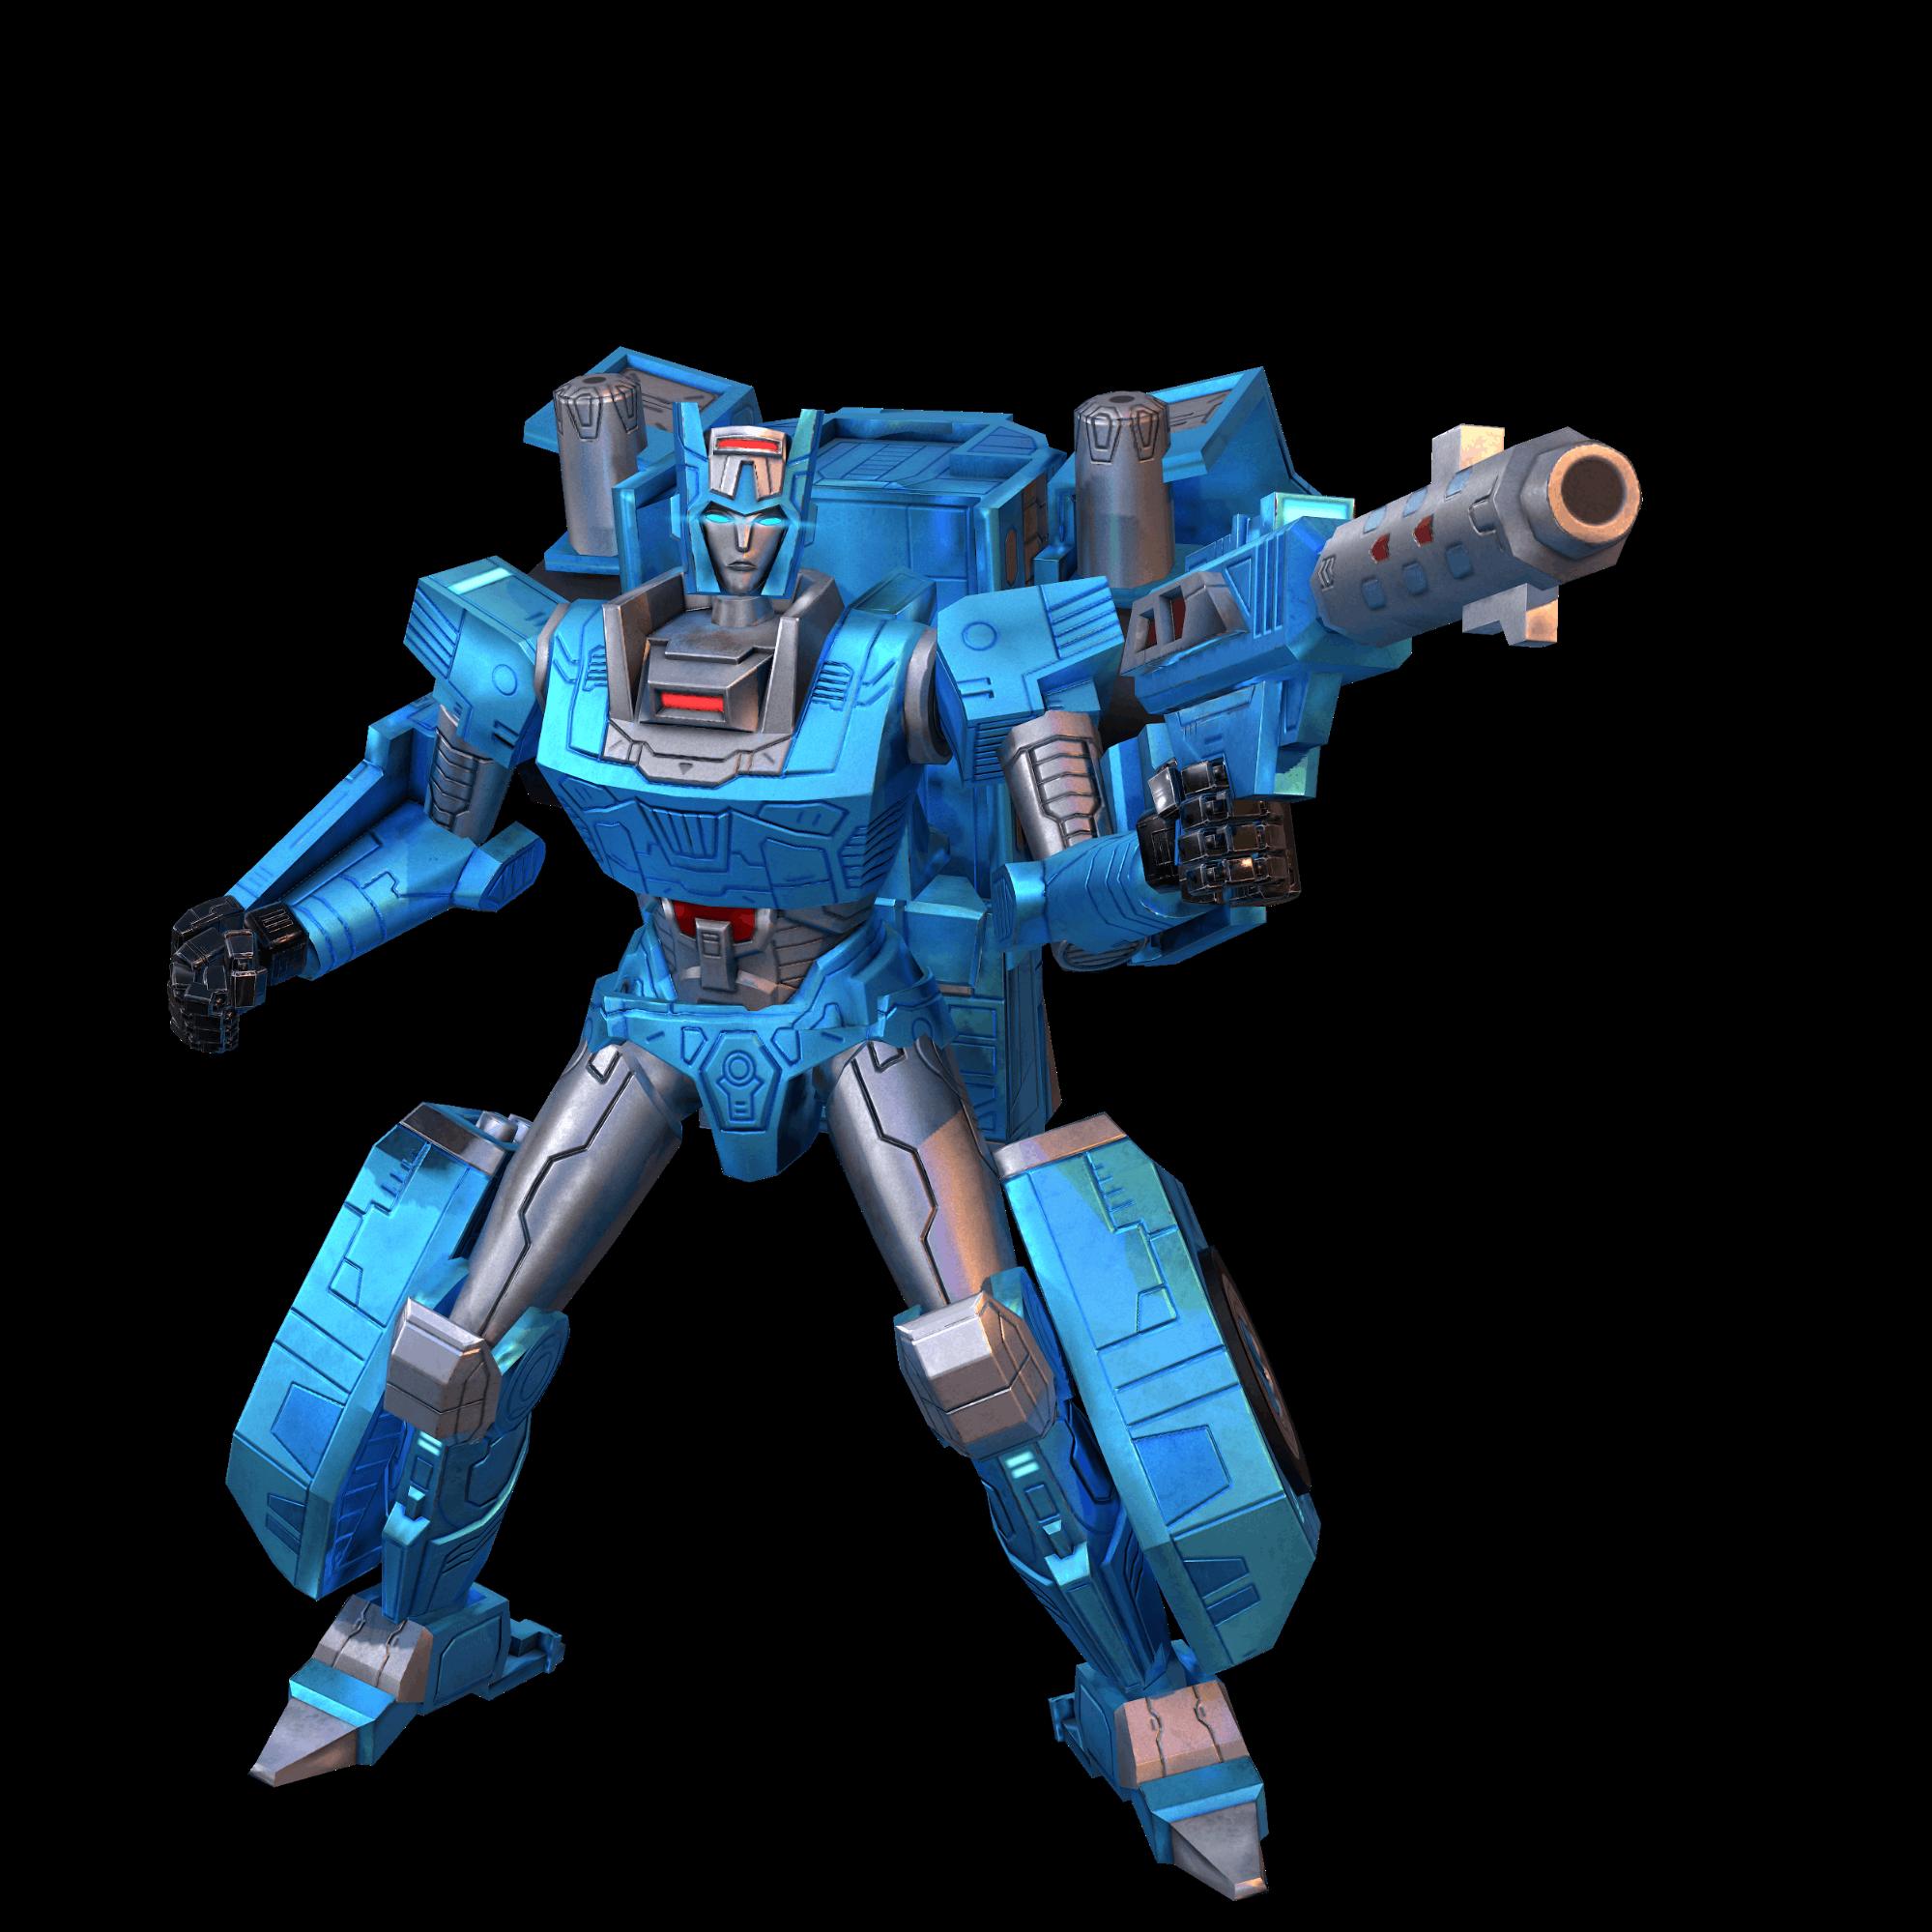 克劳莉娅机器人模式图片